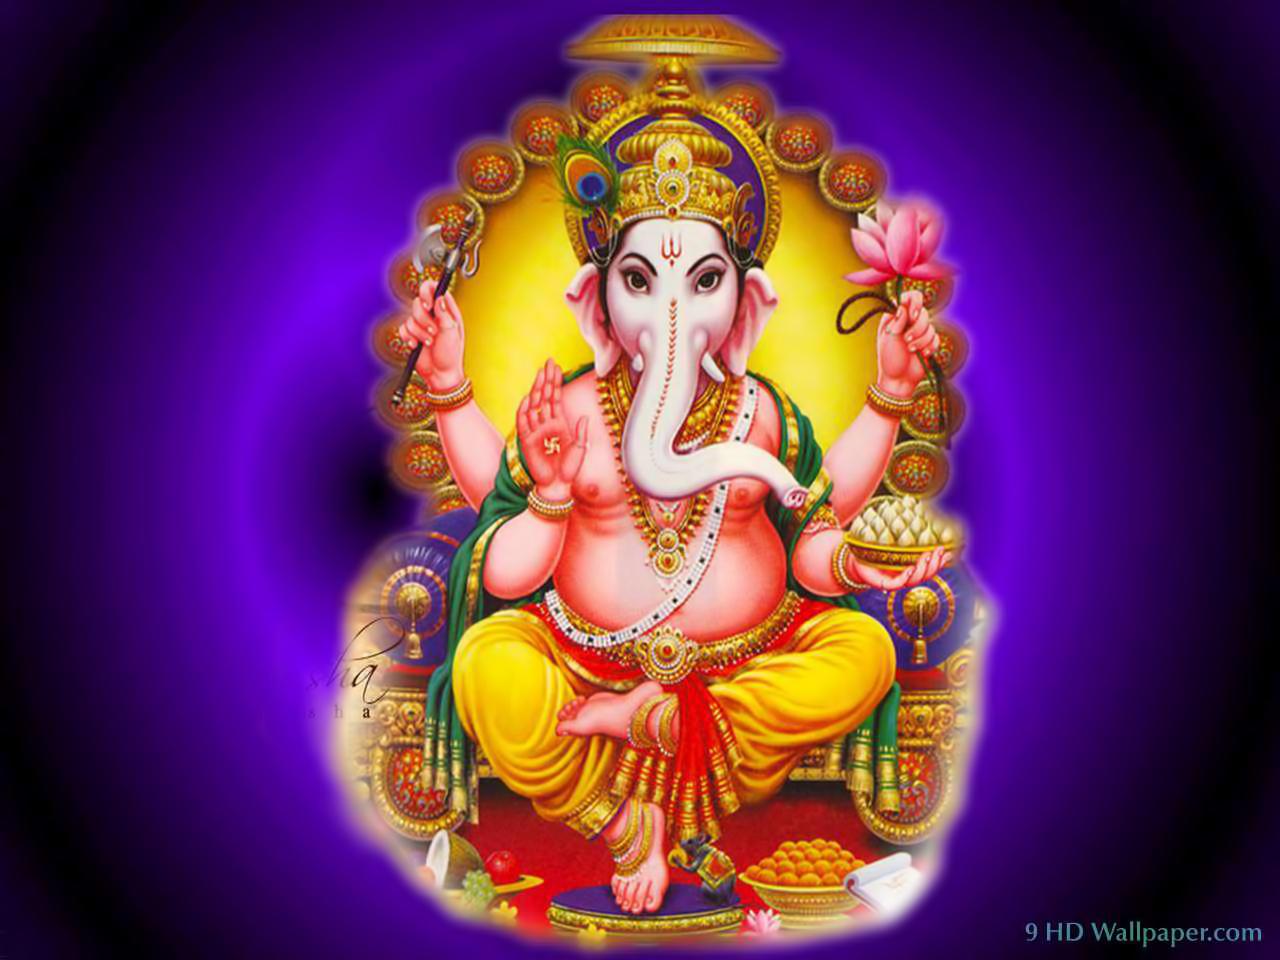 3d Lord Ganesha: Mix Masala: Ganesh Wallpapers 2012